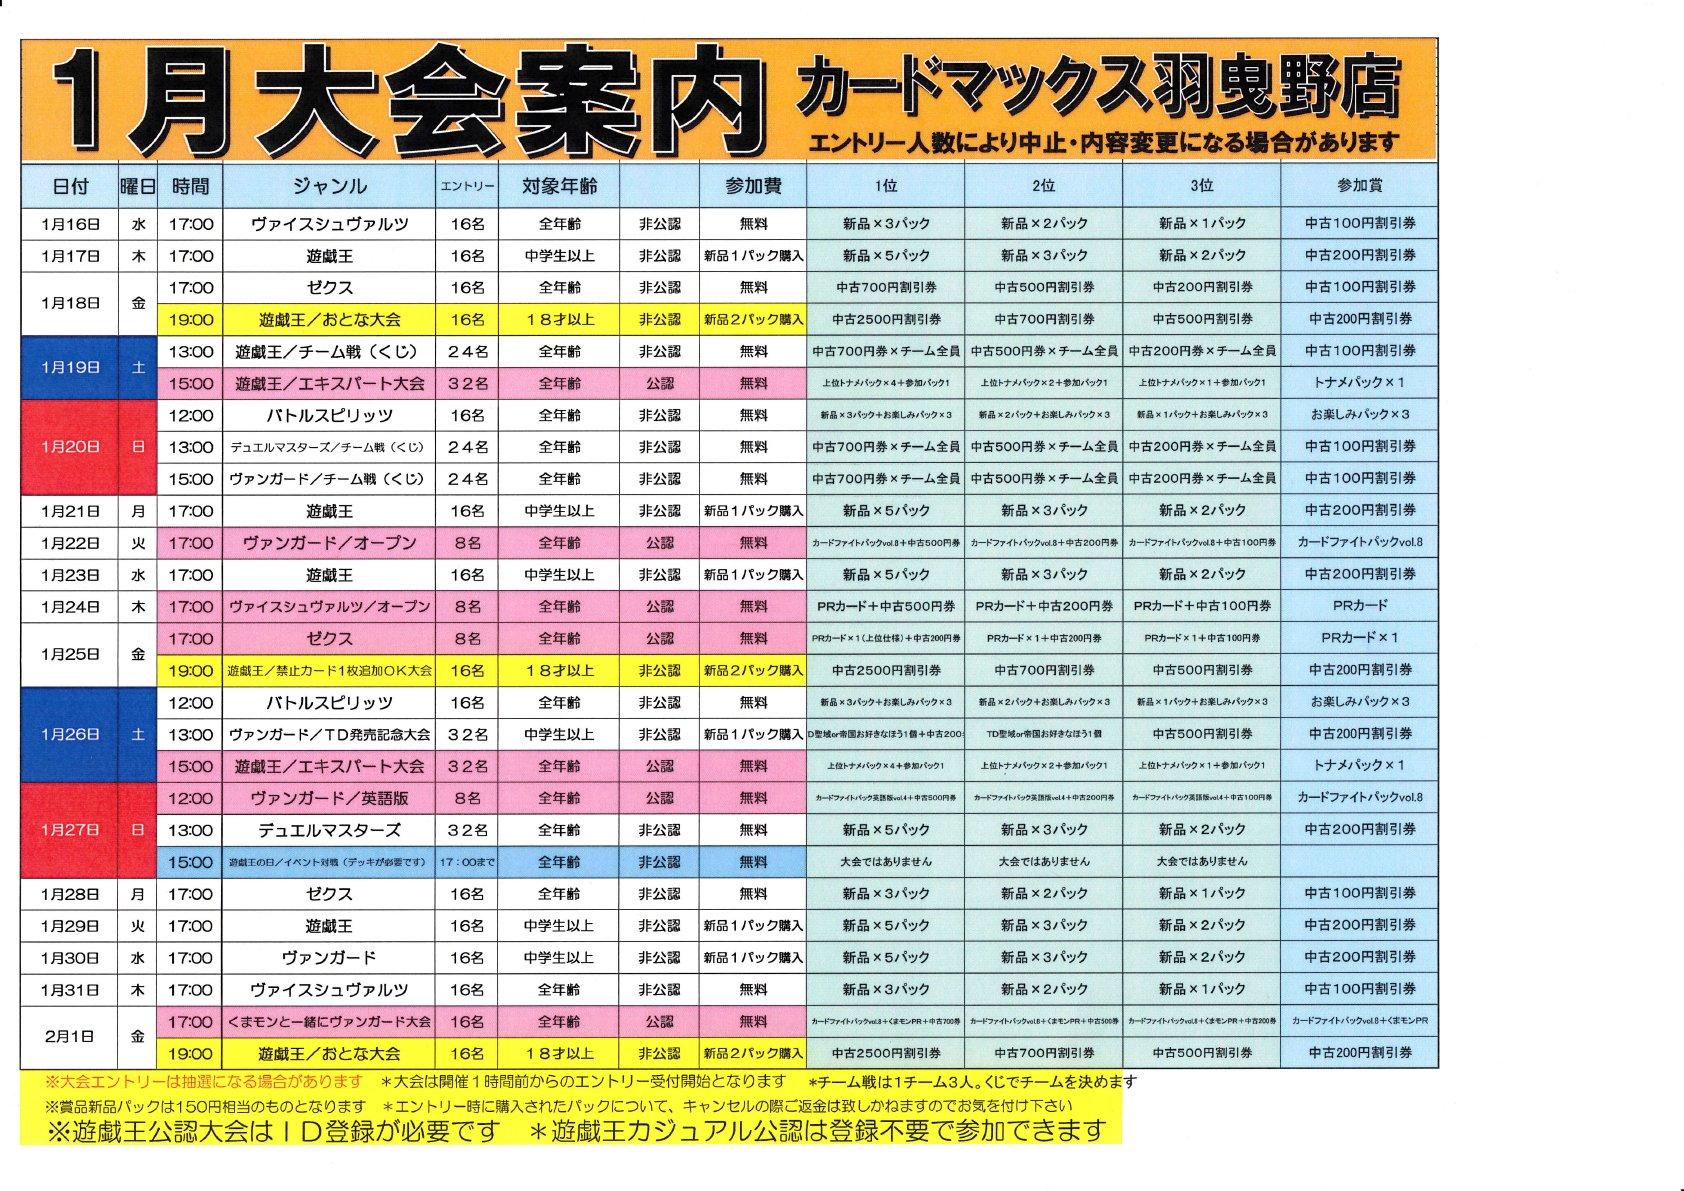 【羽曳野店】 1月後半大会情報_d0259027_1054250.jpg